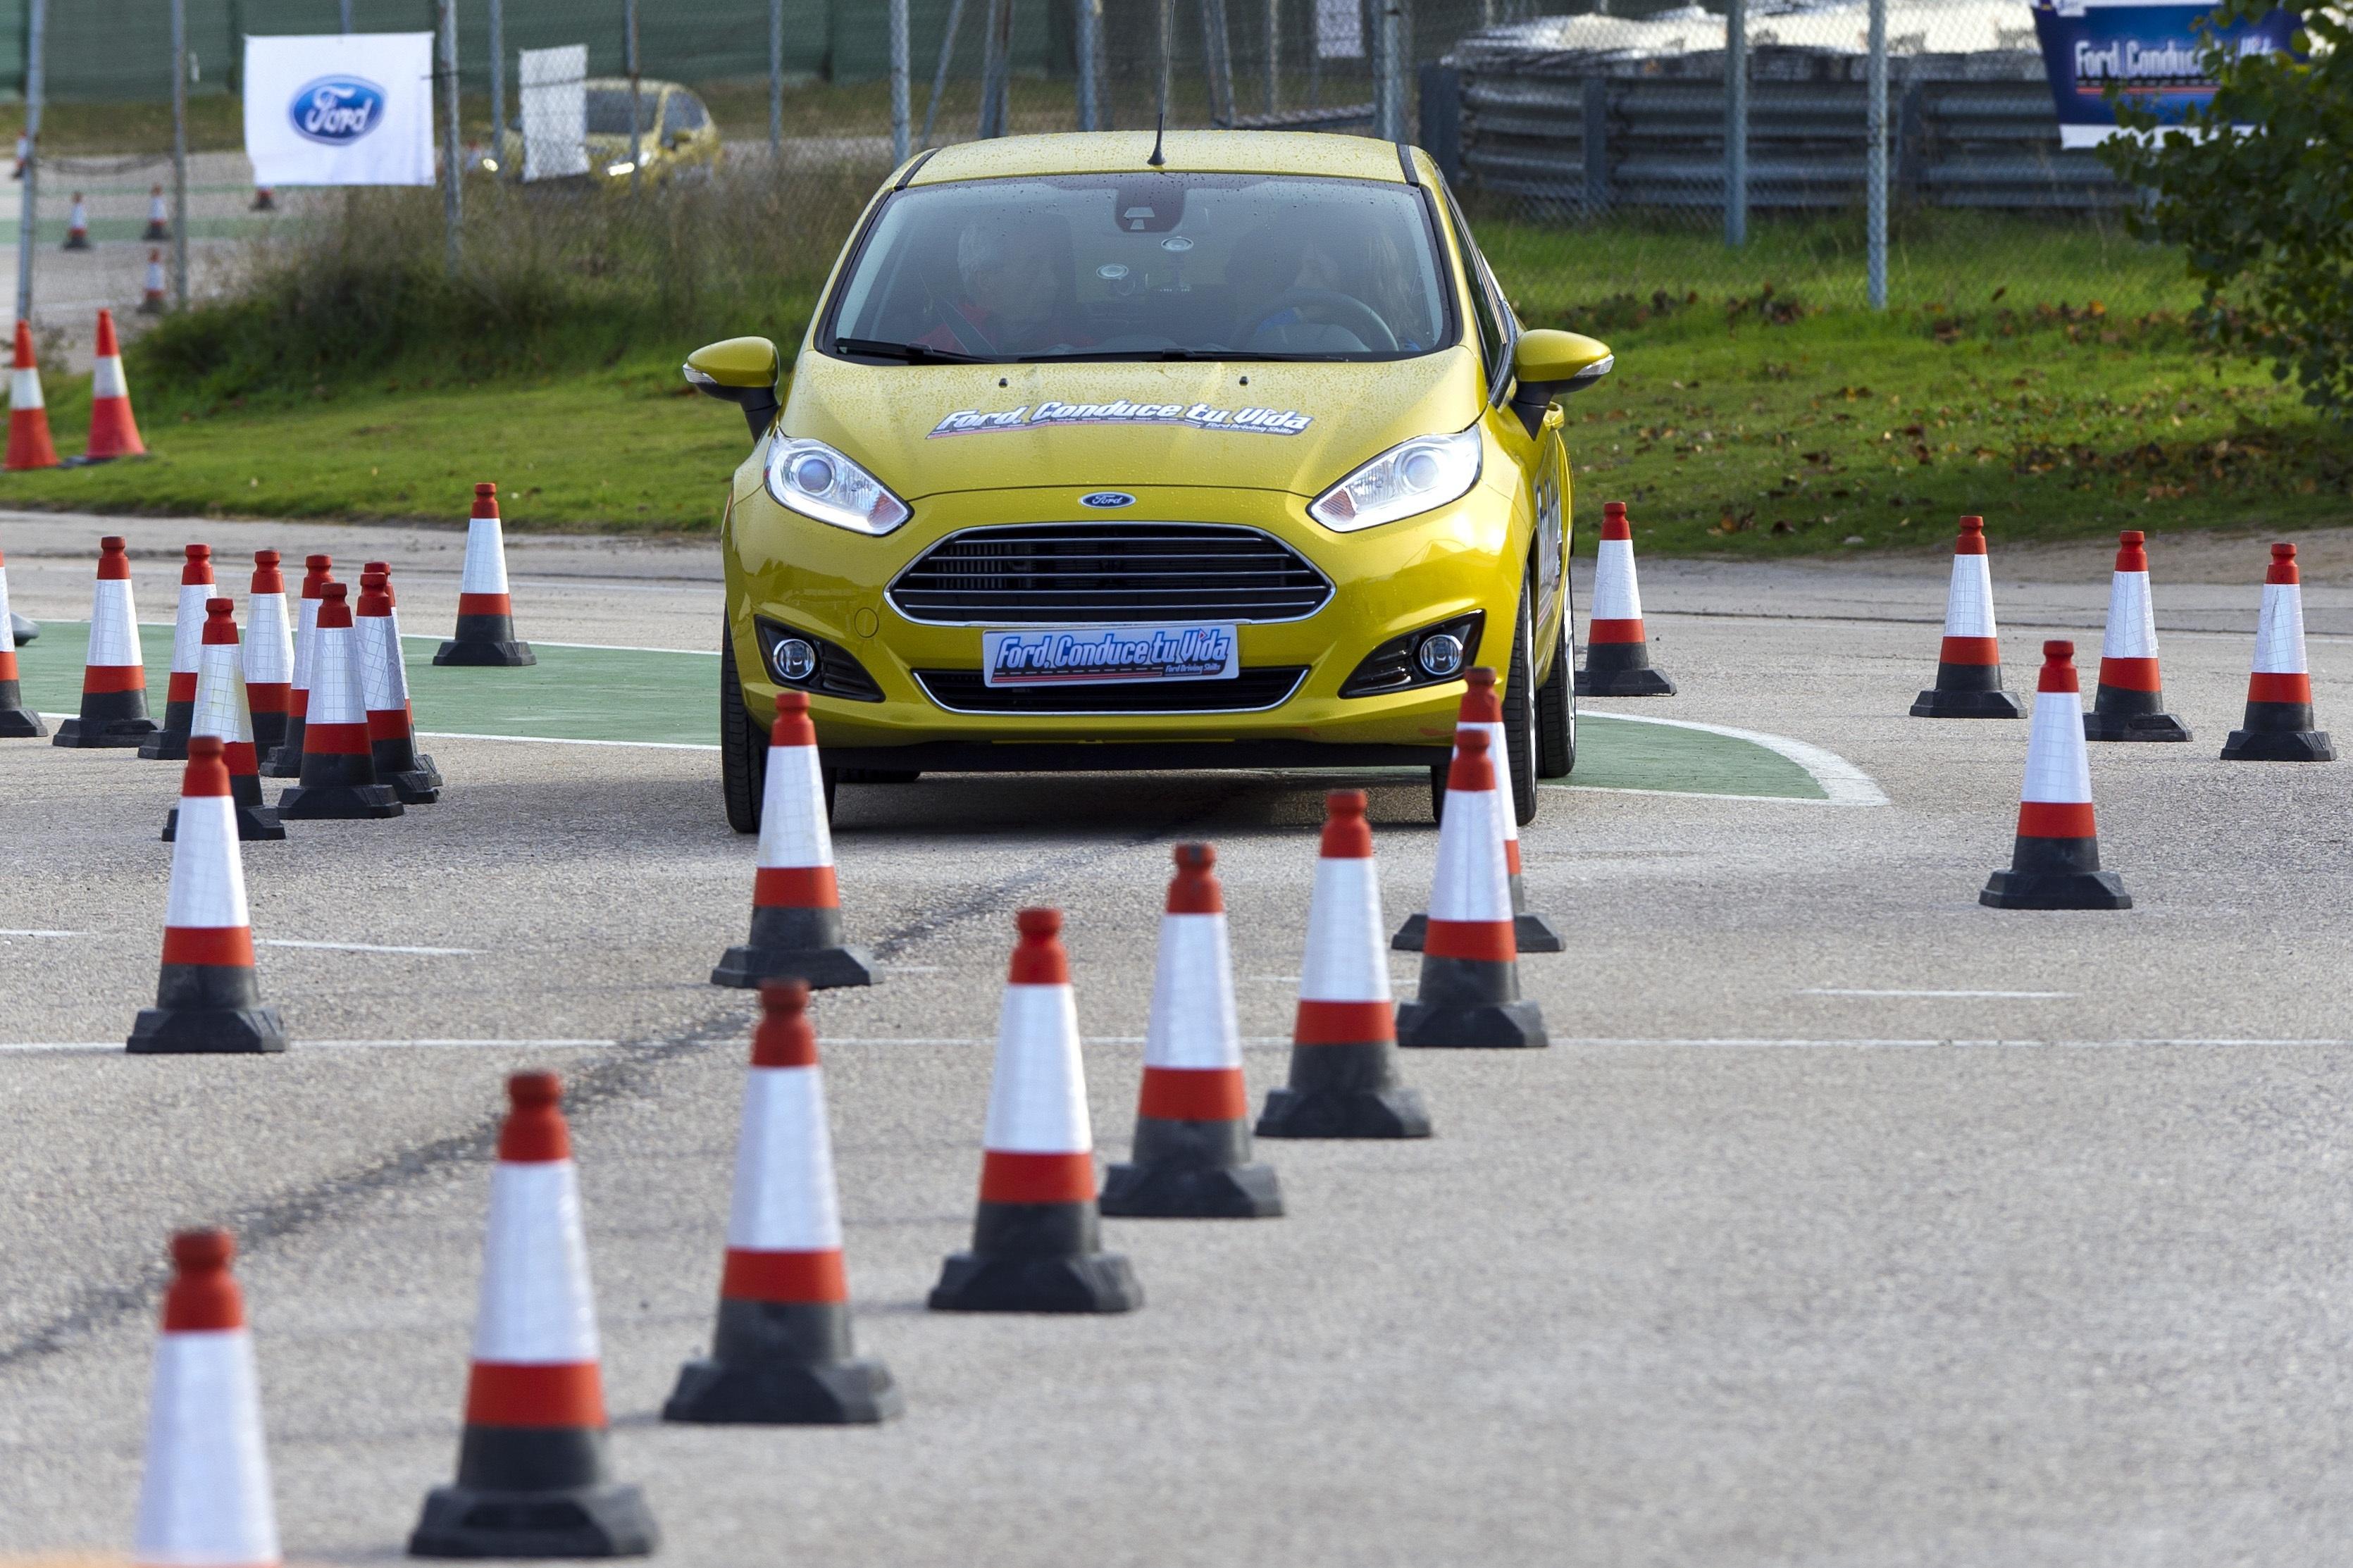 Ford imparte cursos de conducción y seguridad vial a 400 jóvenes españoles